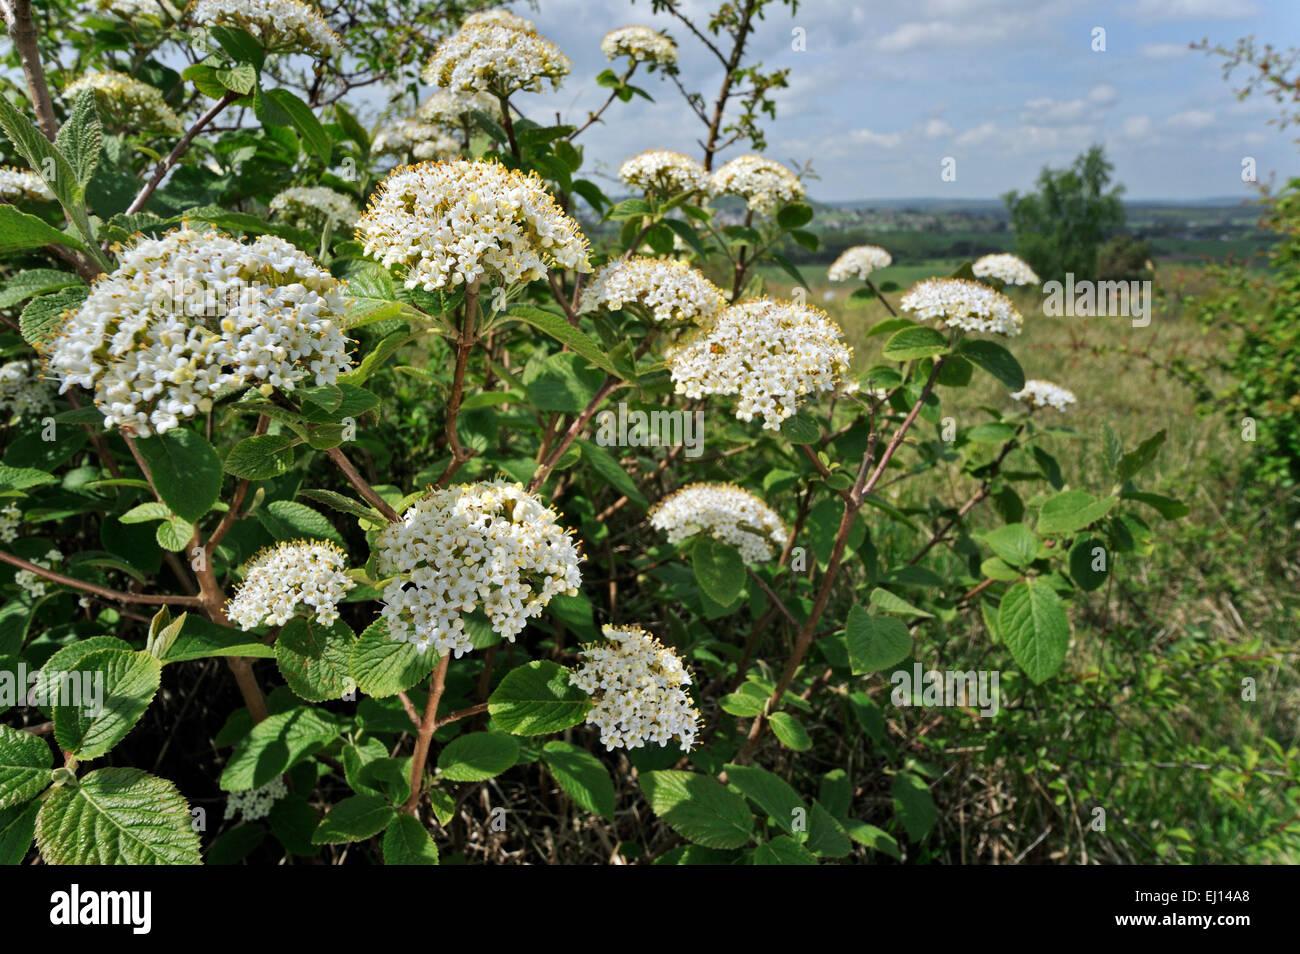 Wayfarer / wayfaring tree (Viburnum lantana) in flower - Stock Image